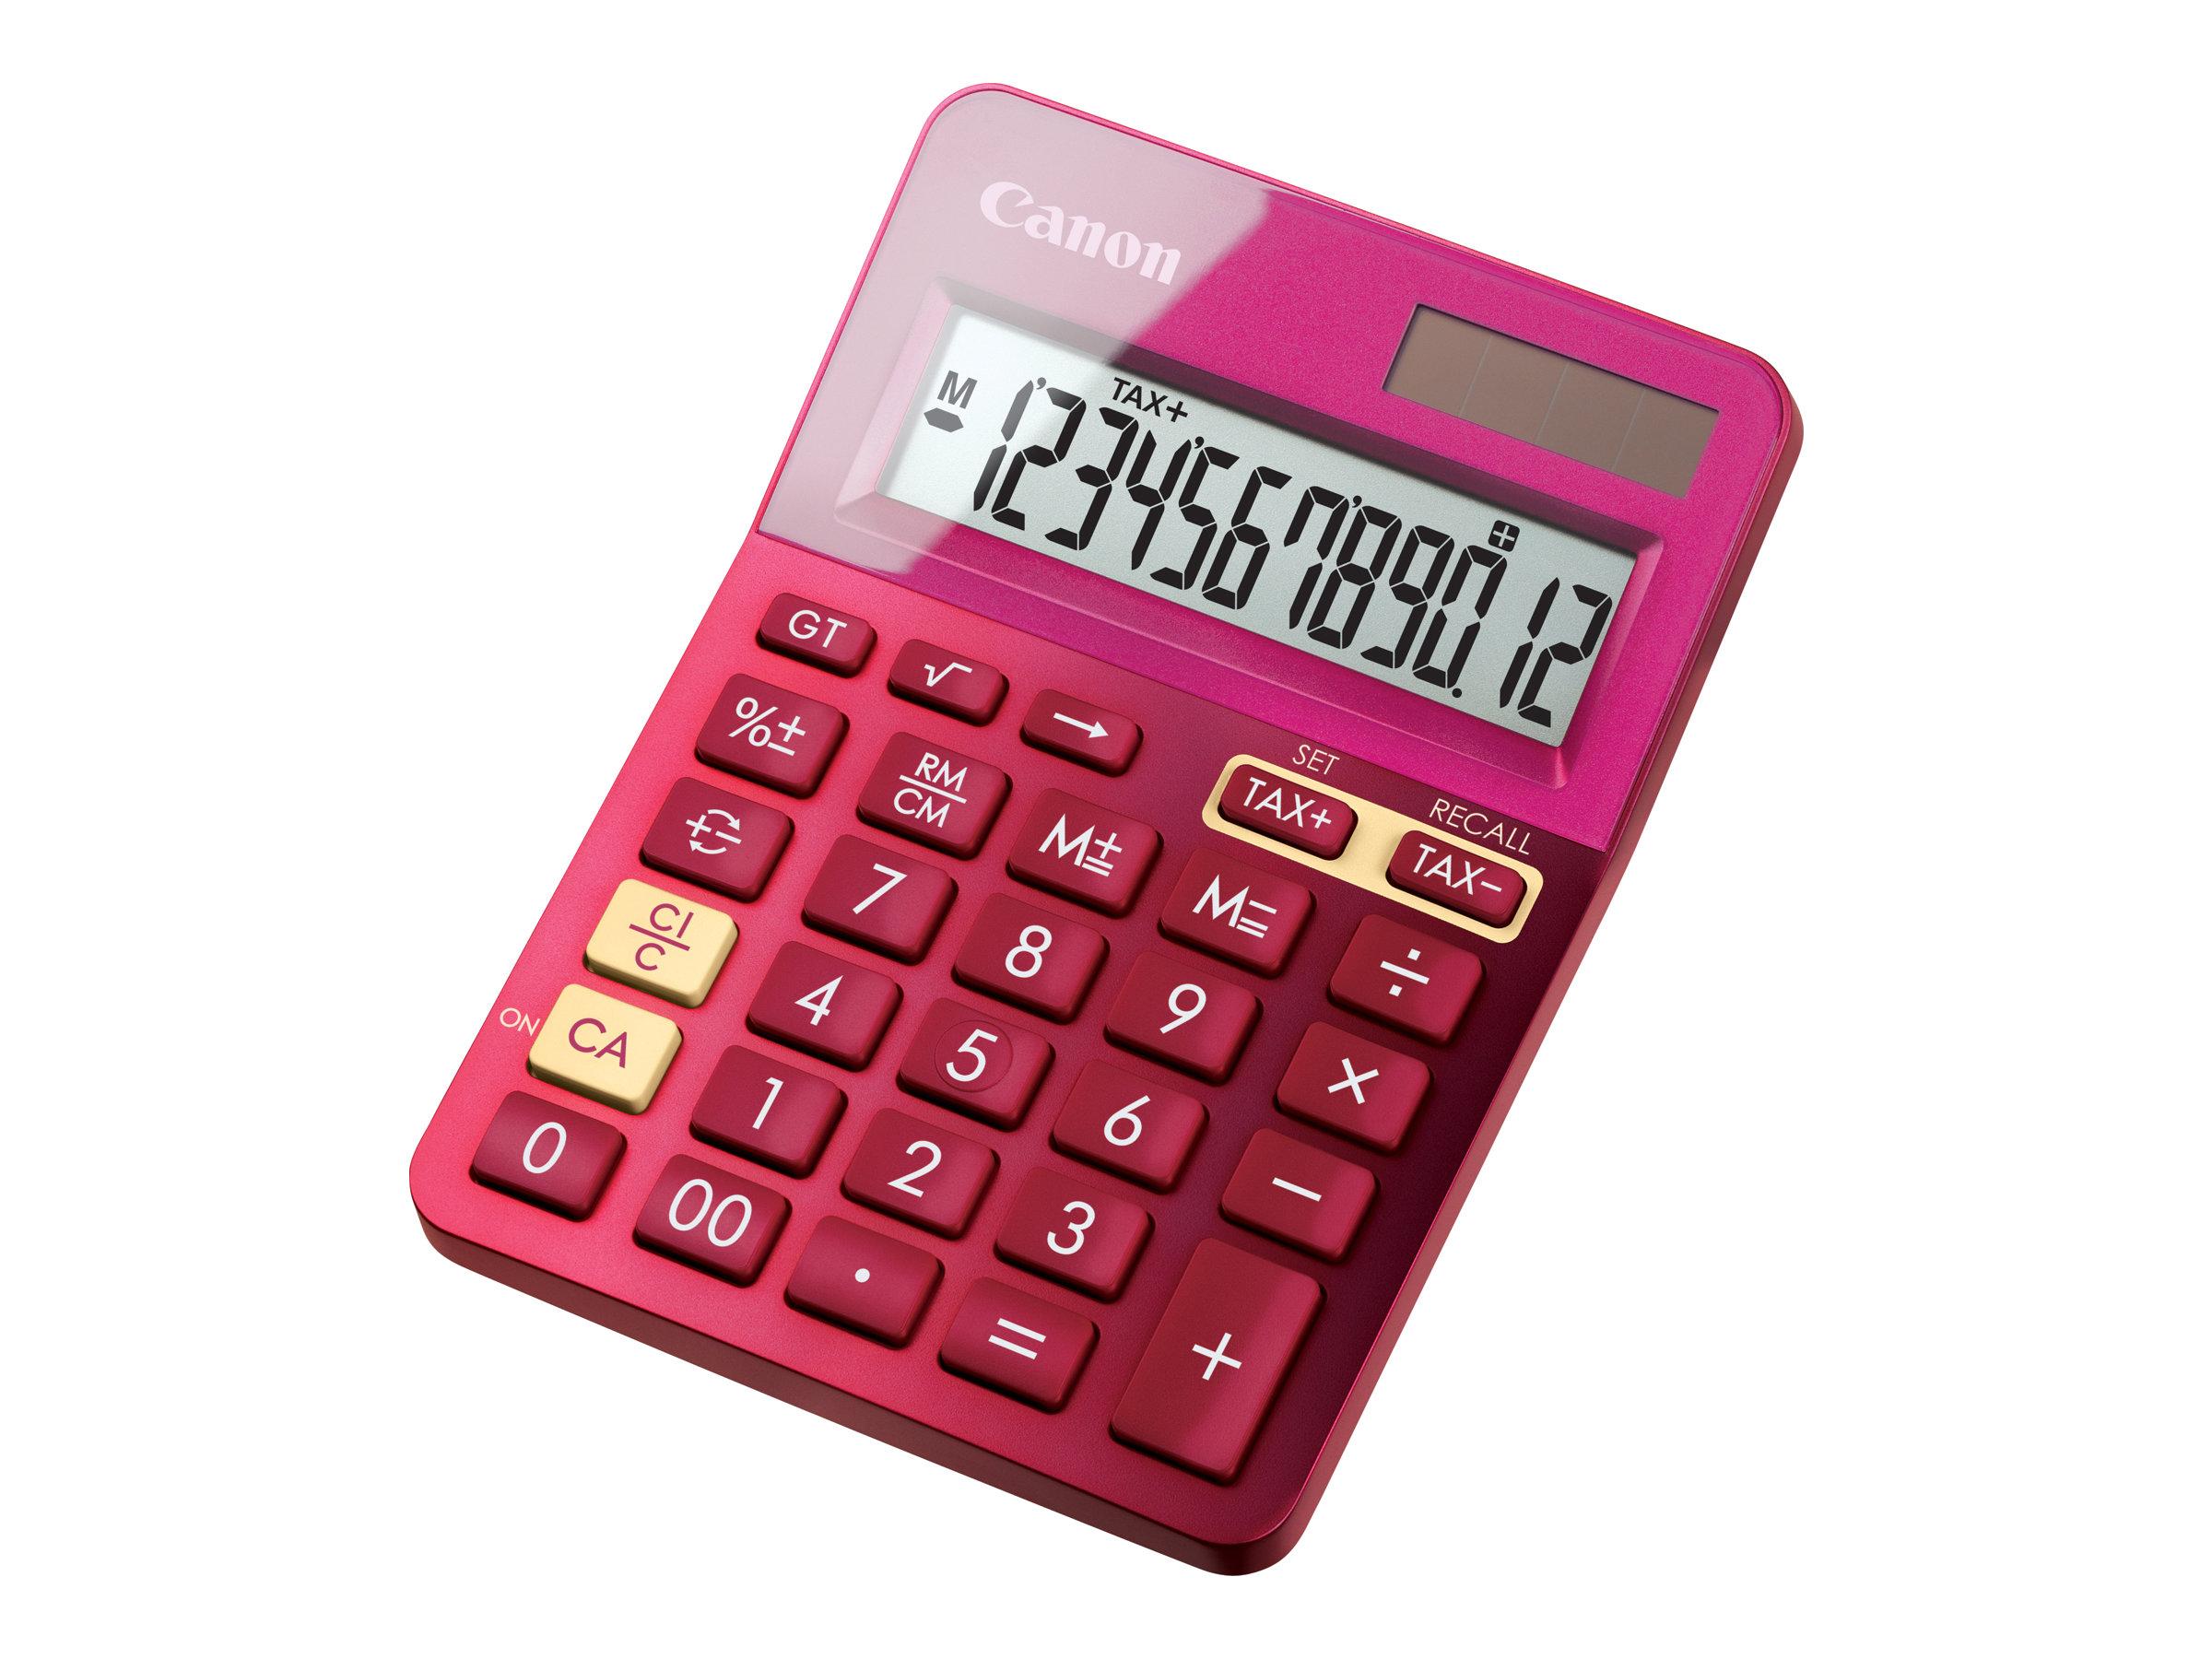 Canon LS-123K - Desktop-Taschenrechner - 12 Stellen - Solarpanel, Batterie - metallisch rosa